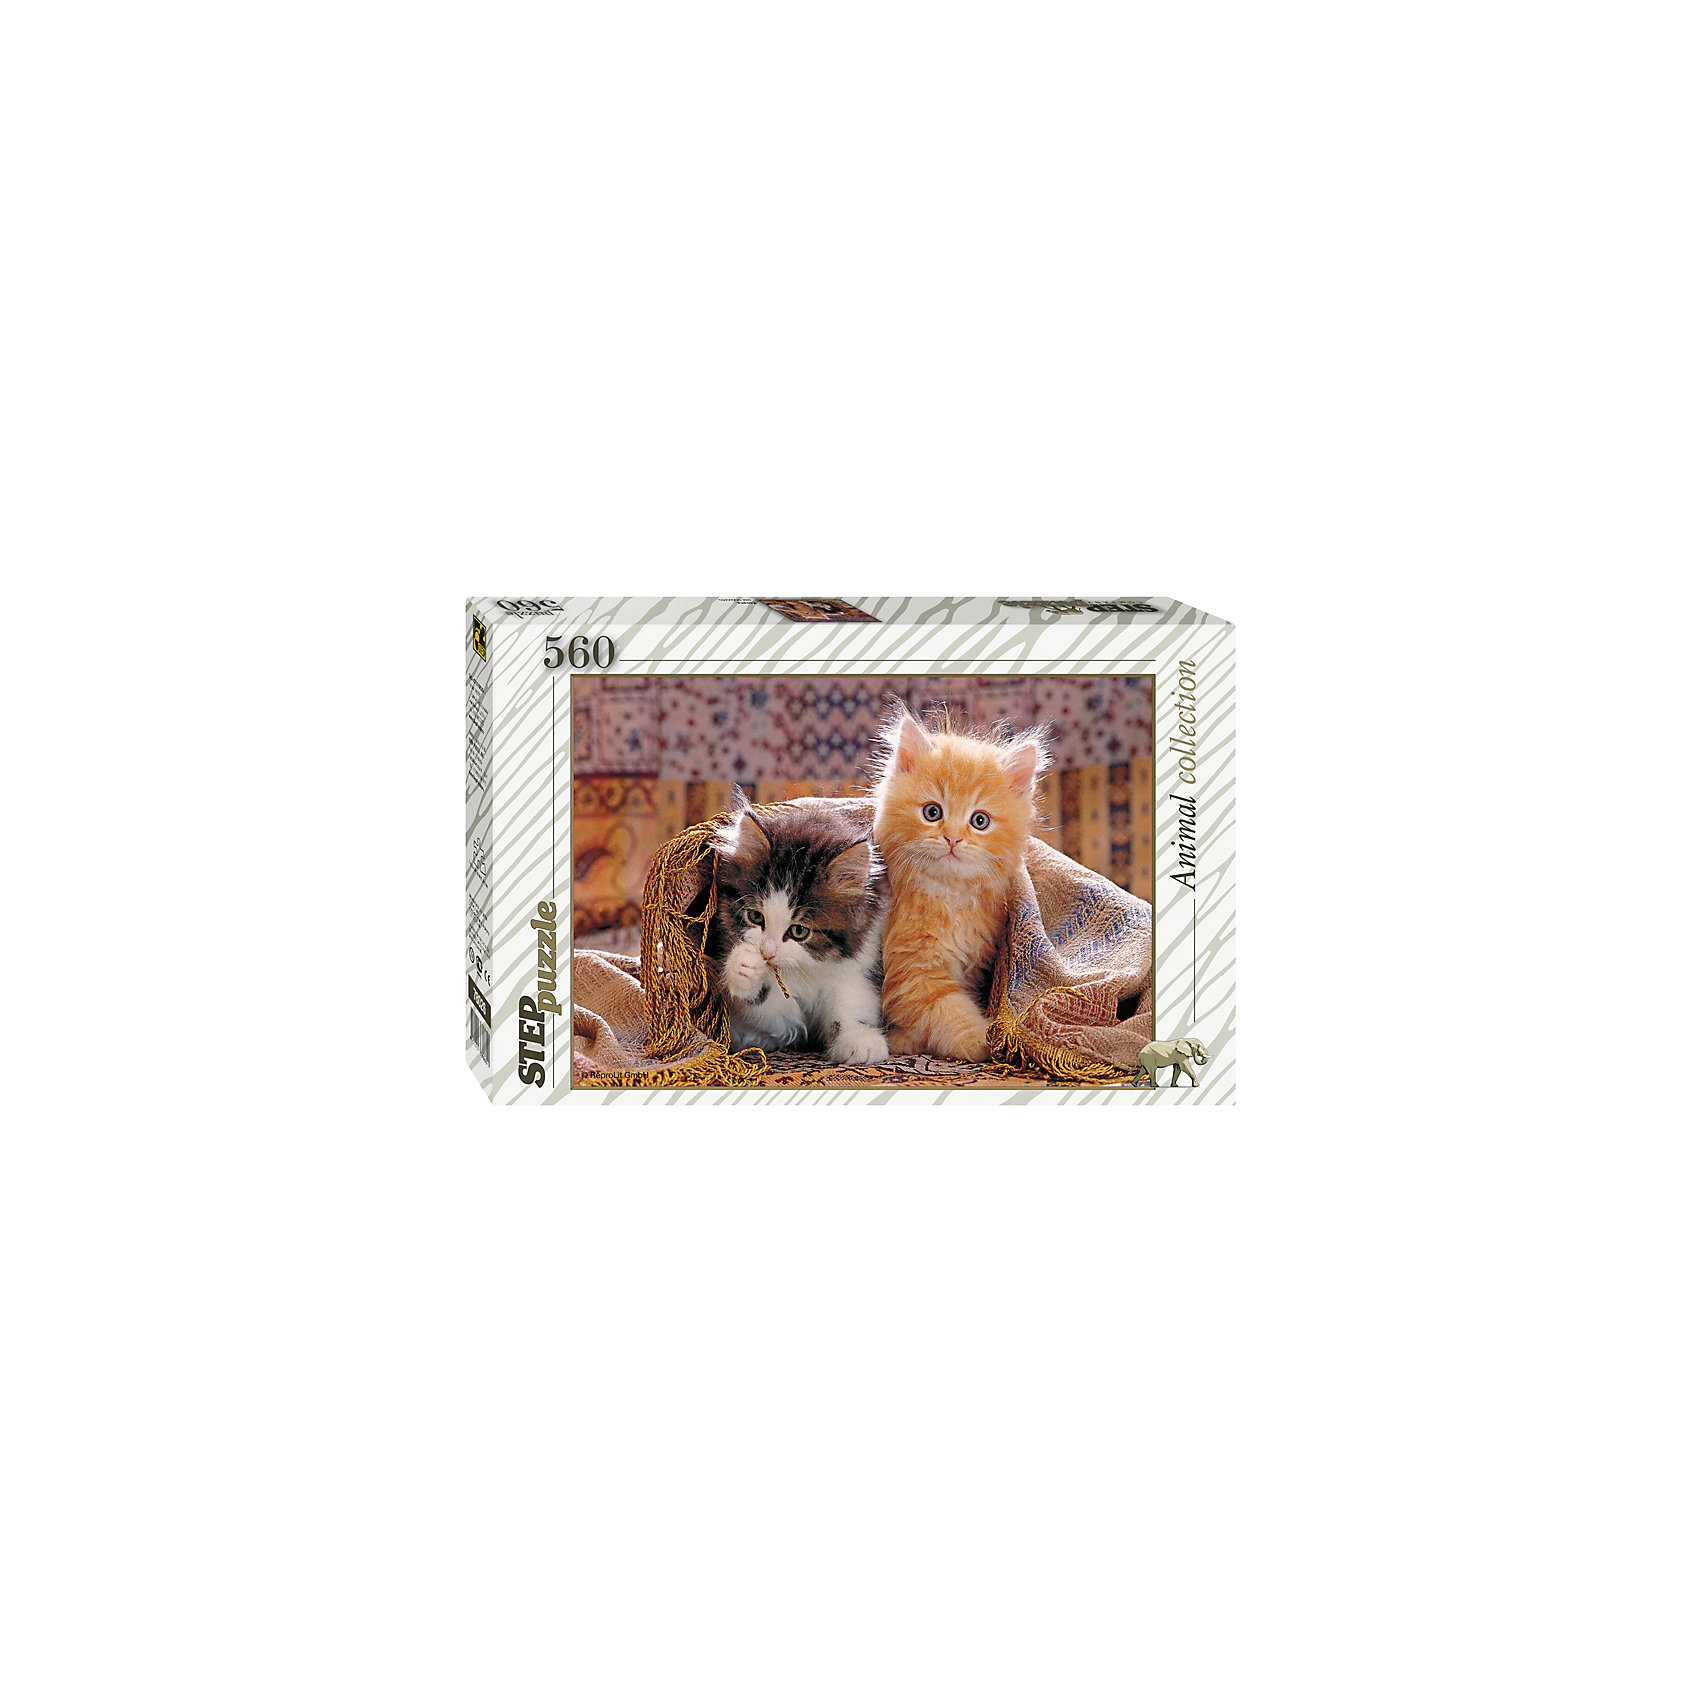 Пазл Котята, 560 деталей, Step PuzzleПазл Котята, 560 деталей, Step Puzzle (Степ Пазл) – это красочный пазл серии «Animal collection».<br>Пазл Котята от торговой марки Step Puzzle (Степ Пазл) станет прекрасным подарком, как для малышей, так и для взрослых. Все элементы изготовлены из прочного картона. Качественные фрагменты пазла отлично проклеены, не расслаиваются и идеально подходят один к другому, поэтому сборка пазла обеспечит только положительные эмоции. Собрав все детали, Вы получите яркую картинку с изображением двух смешных пушистых котят, которые забрались под плед, и выглядывают оттуда, а один из котят играет с бахромой. Занятия с пазлом поспособствуют развитию множества полезных навыков, таких как мелкая моторика рук, пространственное мышление, память и наблюдательность.<br><br>Дополнительная информация:<br><br>- Количество деталей: 560<br>- Материал: картон<br>- Размер собранной картины: 50х34,5 см.<br>- Отличная проклейка<br>- Детали идеально подходят друг другу<br>- Упаковка: картонная коробка<br>- Размер упаковки: 335x40x215 мм.<br>- Вес: 600 гр.<br><br>Пазл Котята, 560 деталей, Step Puzzle (Степ Пазл) можно купить в нашем интернет-магазине.<br><br>Ширина мм: 335<br>Глубина мм: 40<br>Высота мм: 215<br>Вес г: 600<br>Возраст от месяцев: 84<br>Возраст до месяцев: 192<br>Пол: Унисекс<br>Возраст: Детский<br>SKU: 4588299